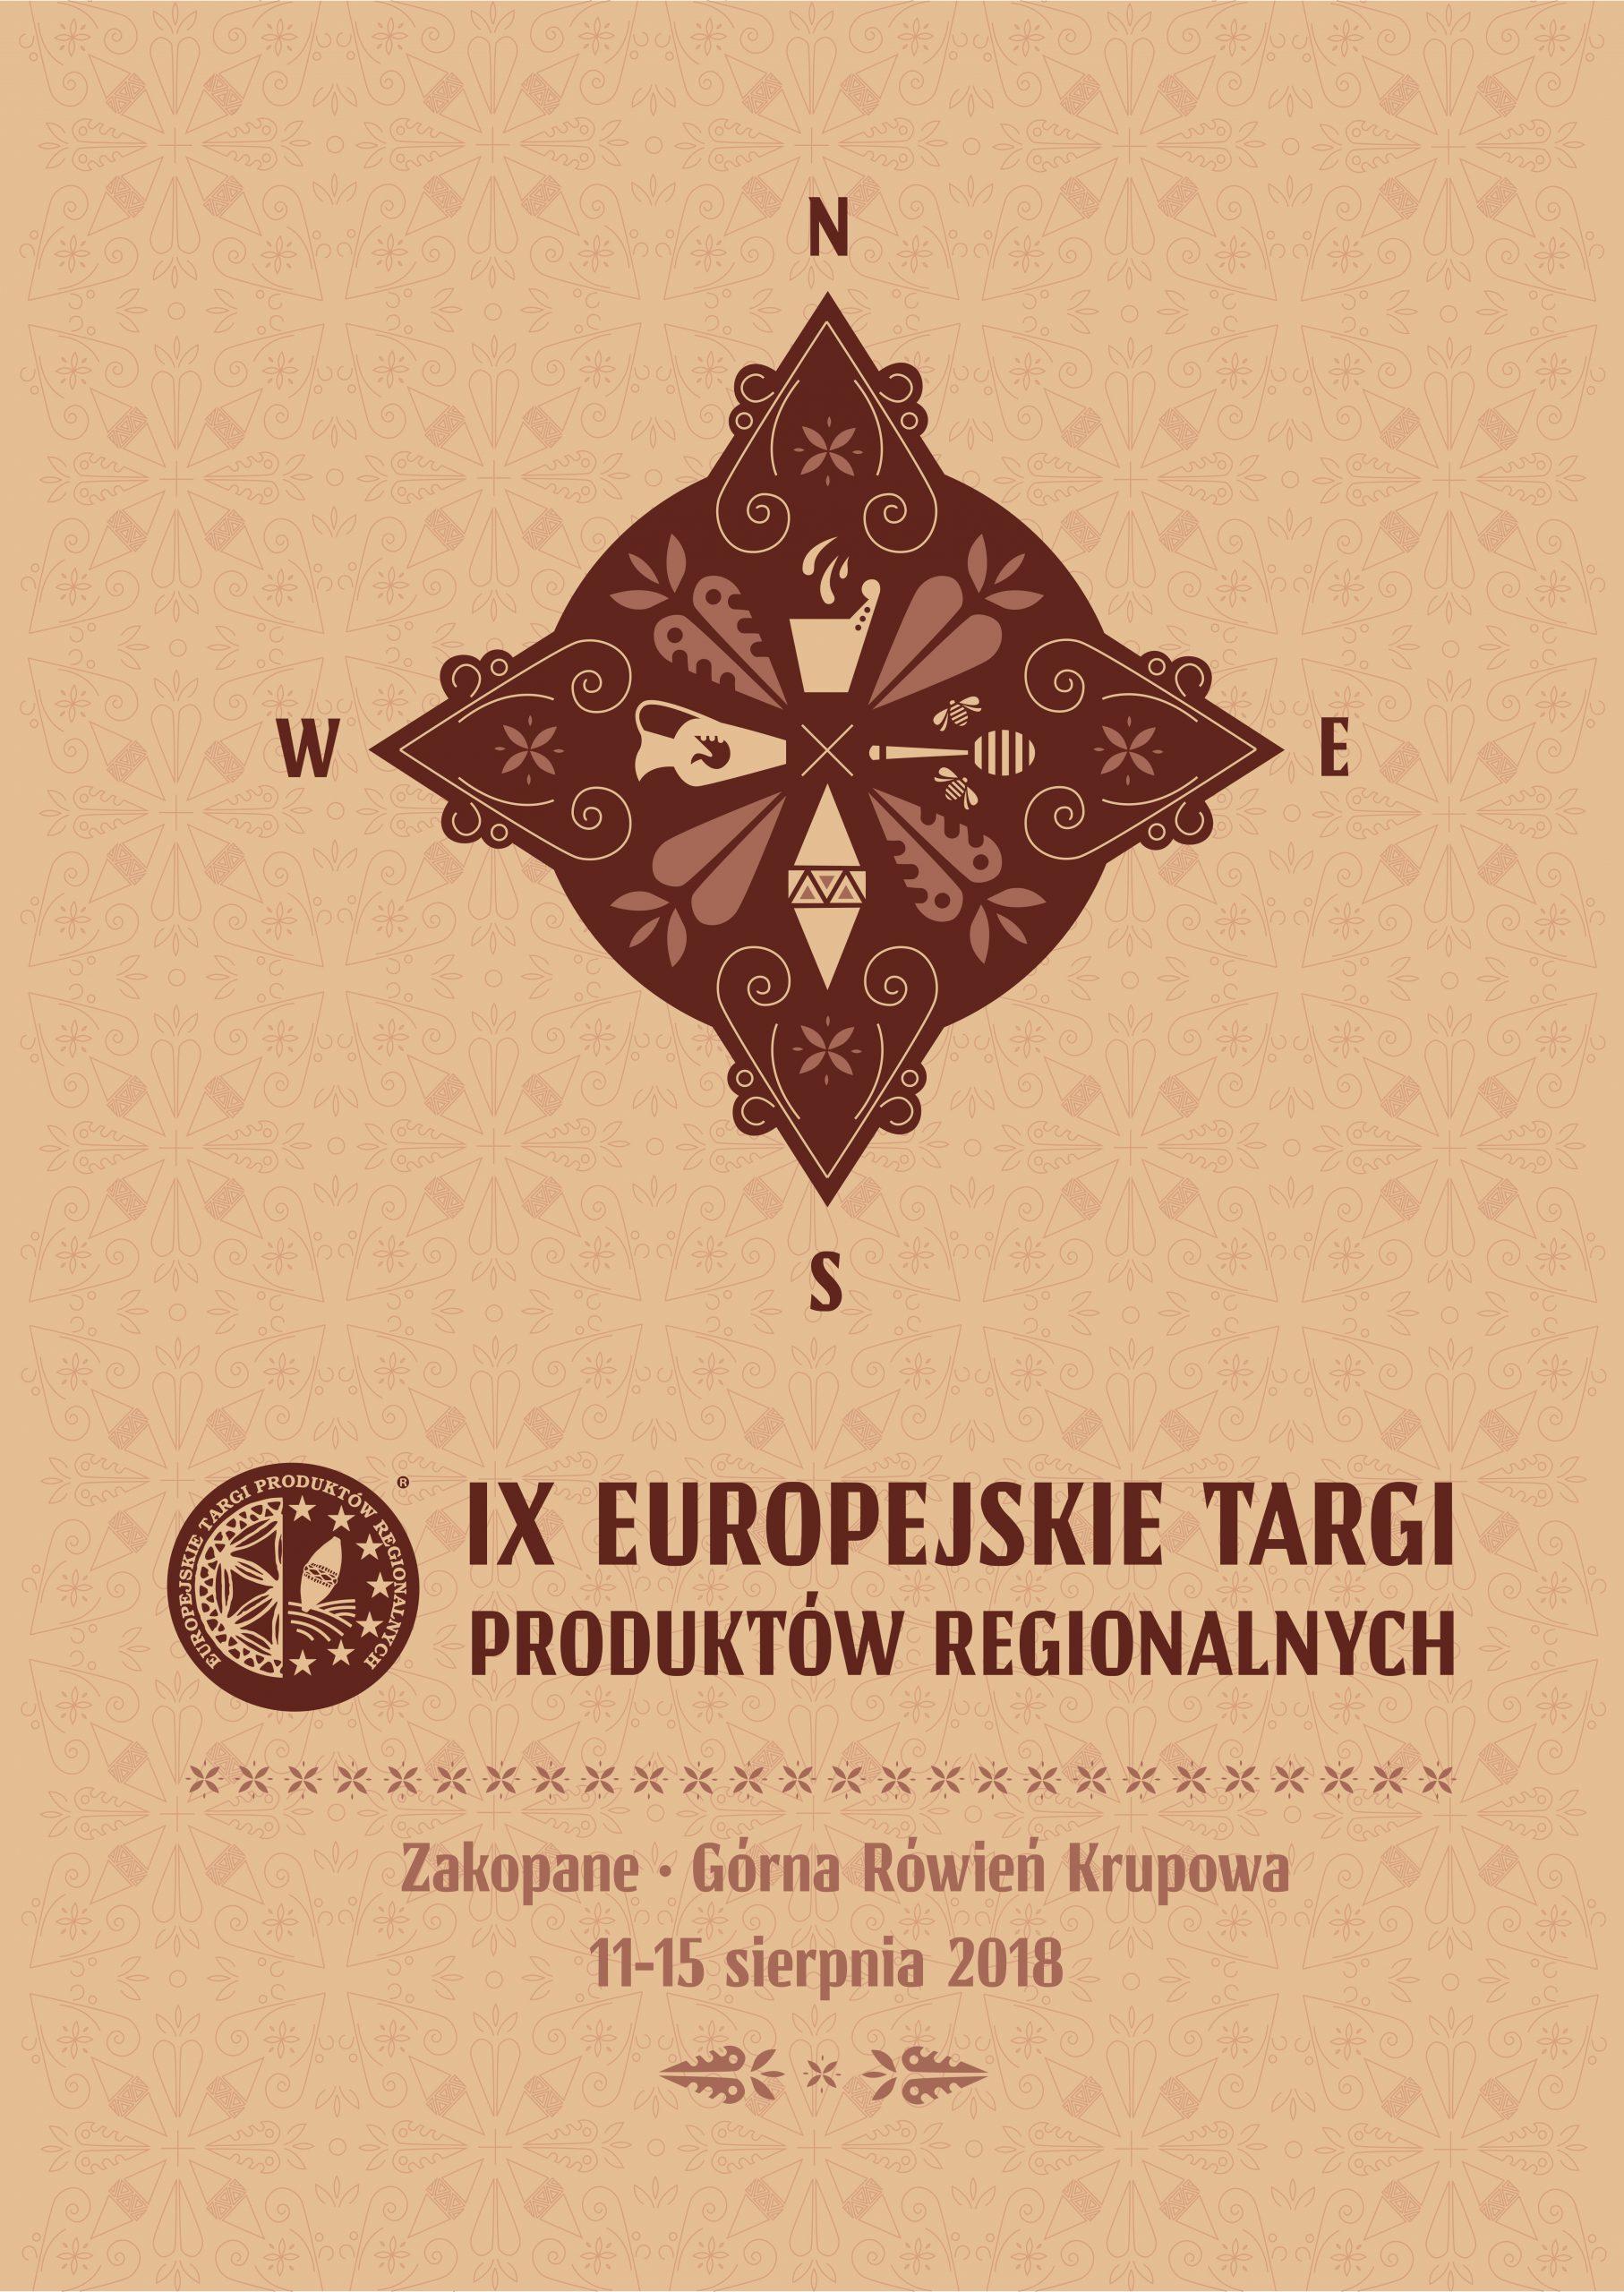 IX Europejskie Targi Produktów Regionalnych już jutro